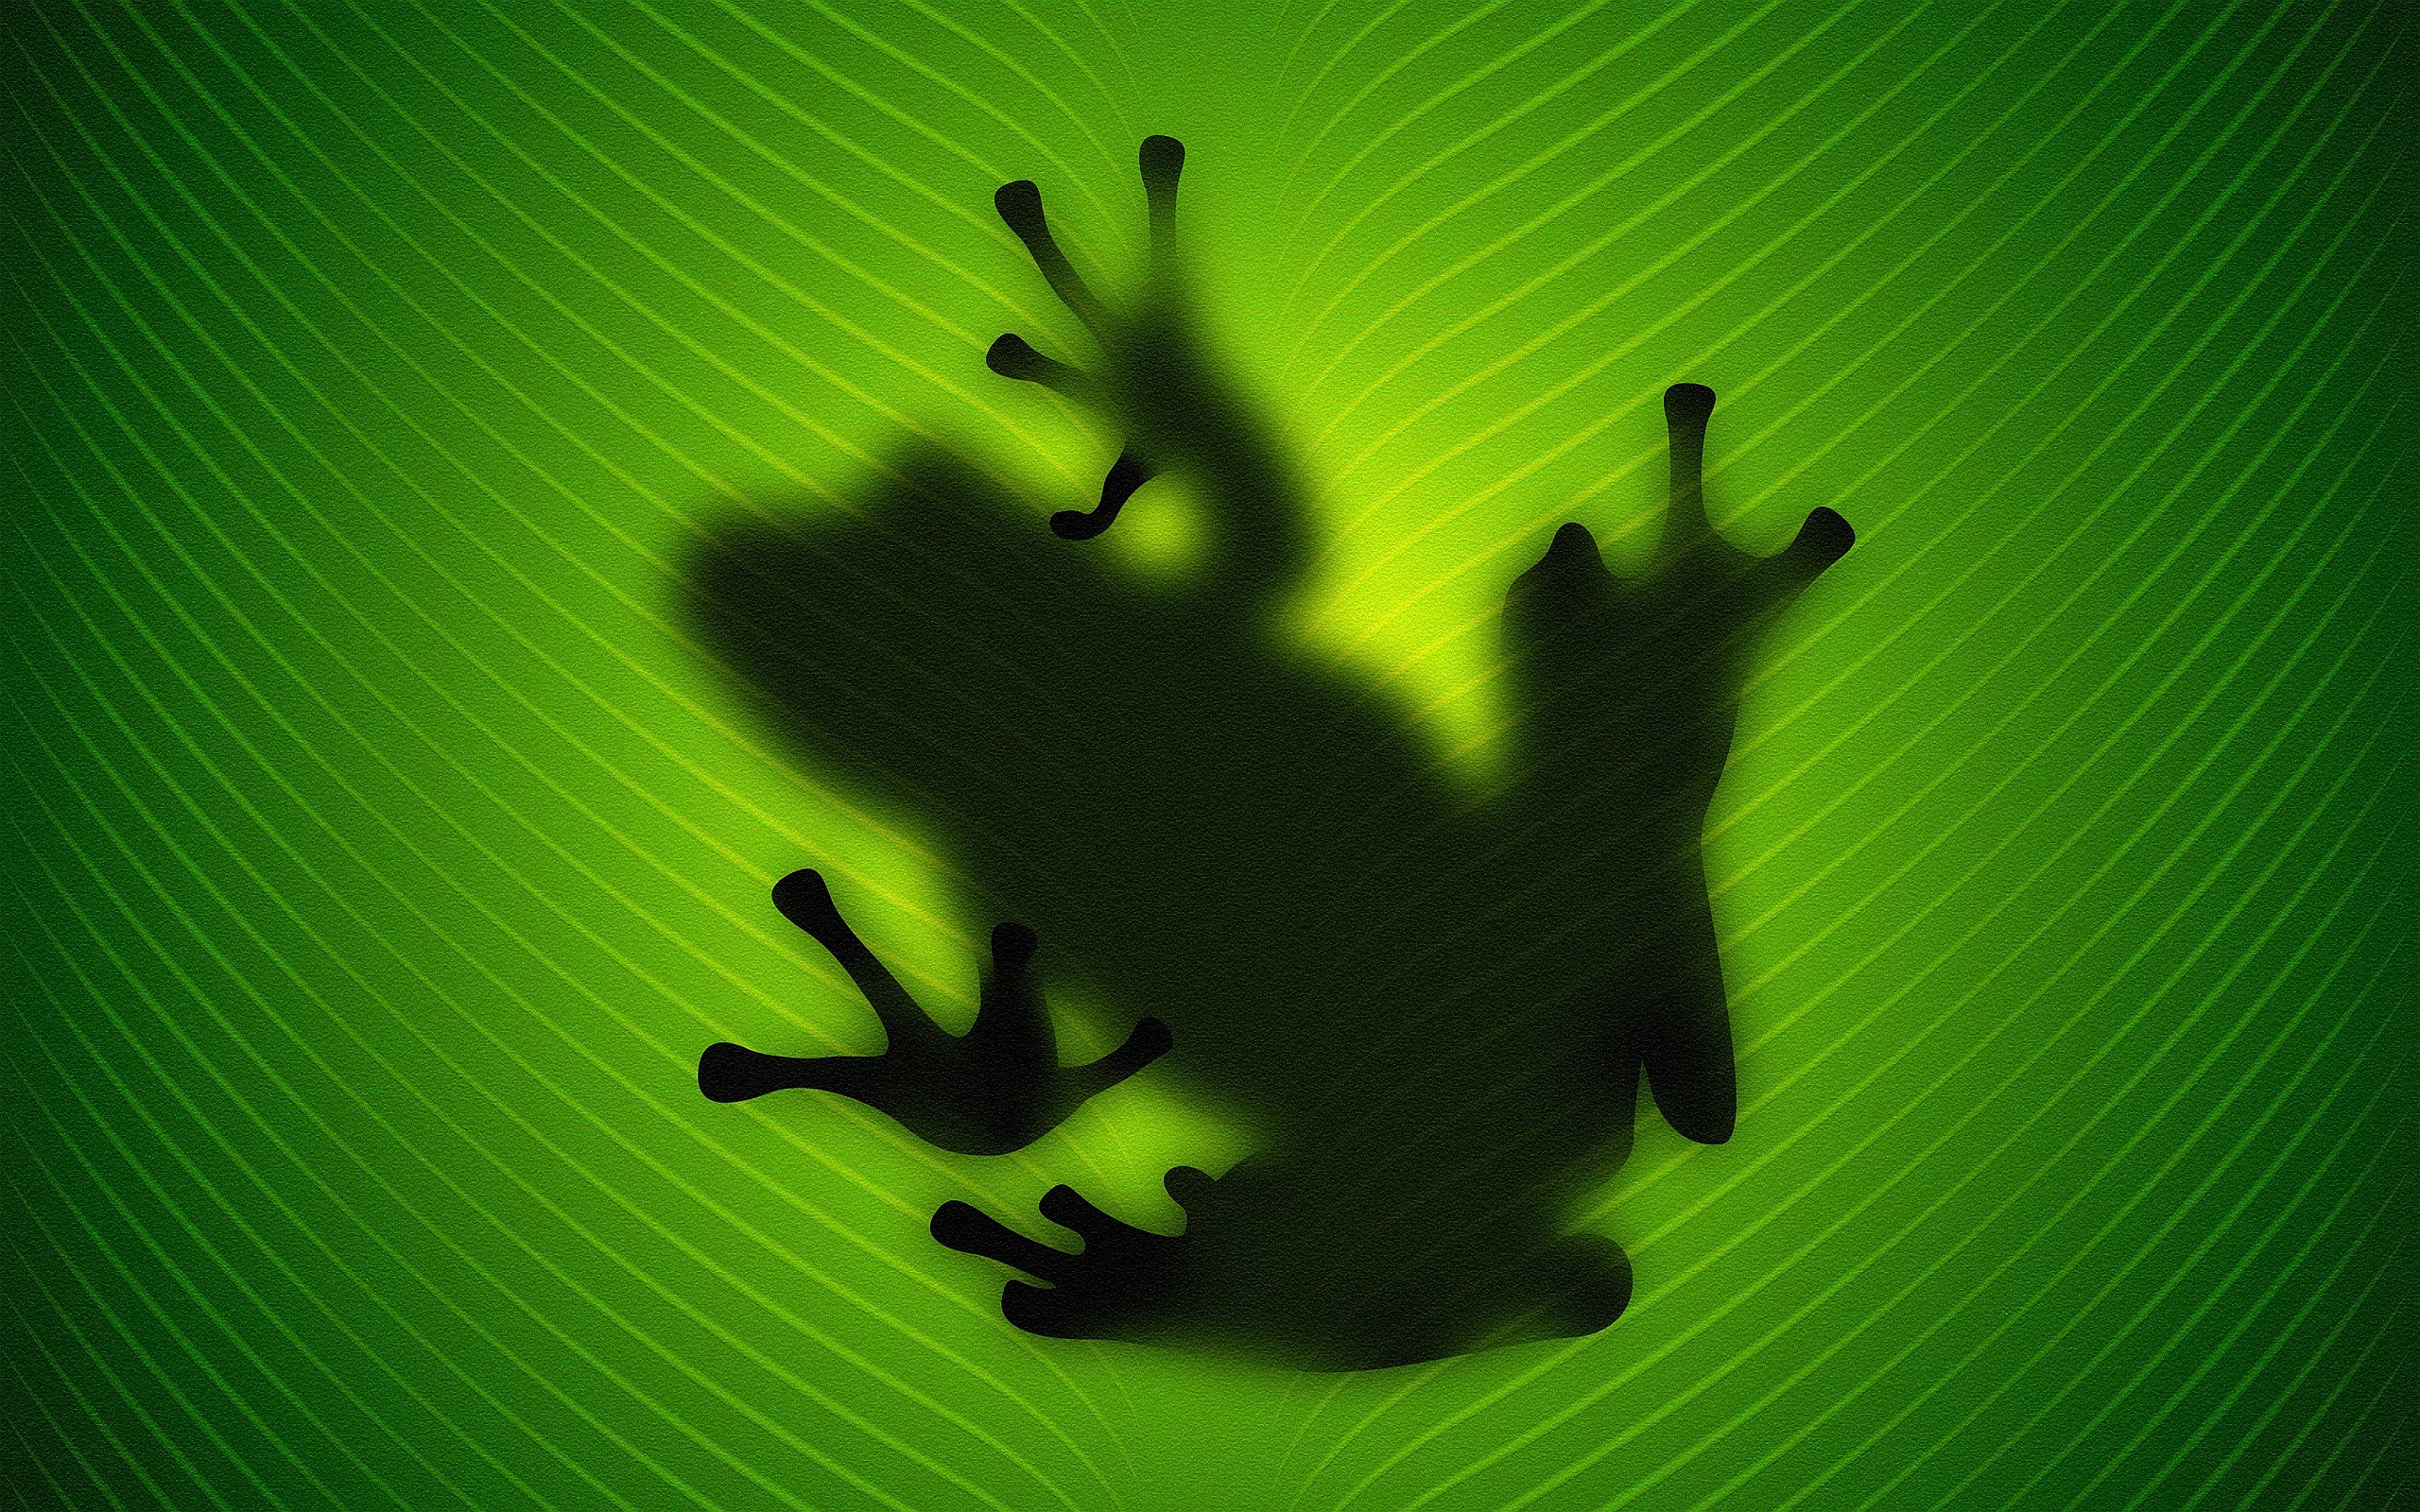 Frog Behind Leave